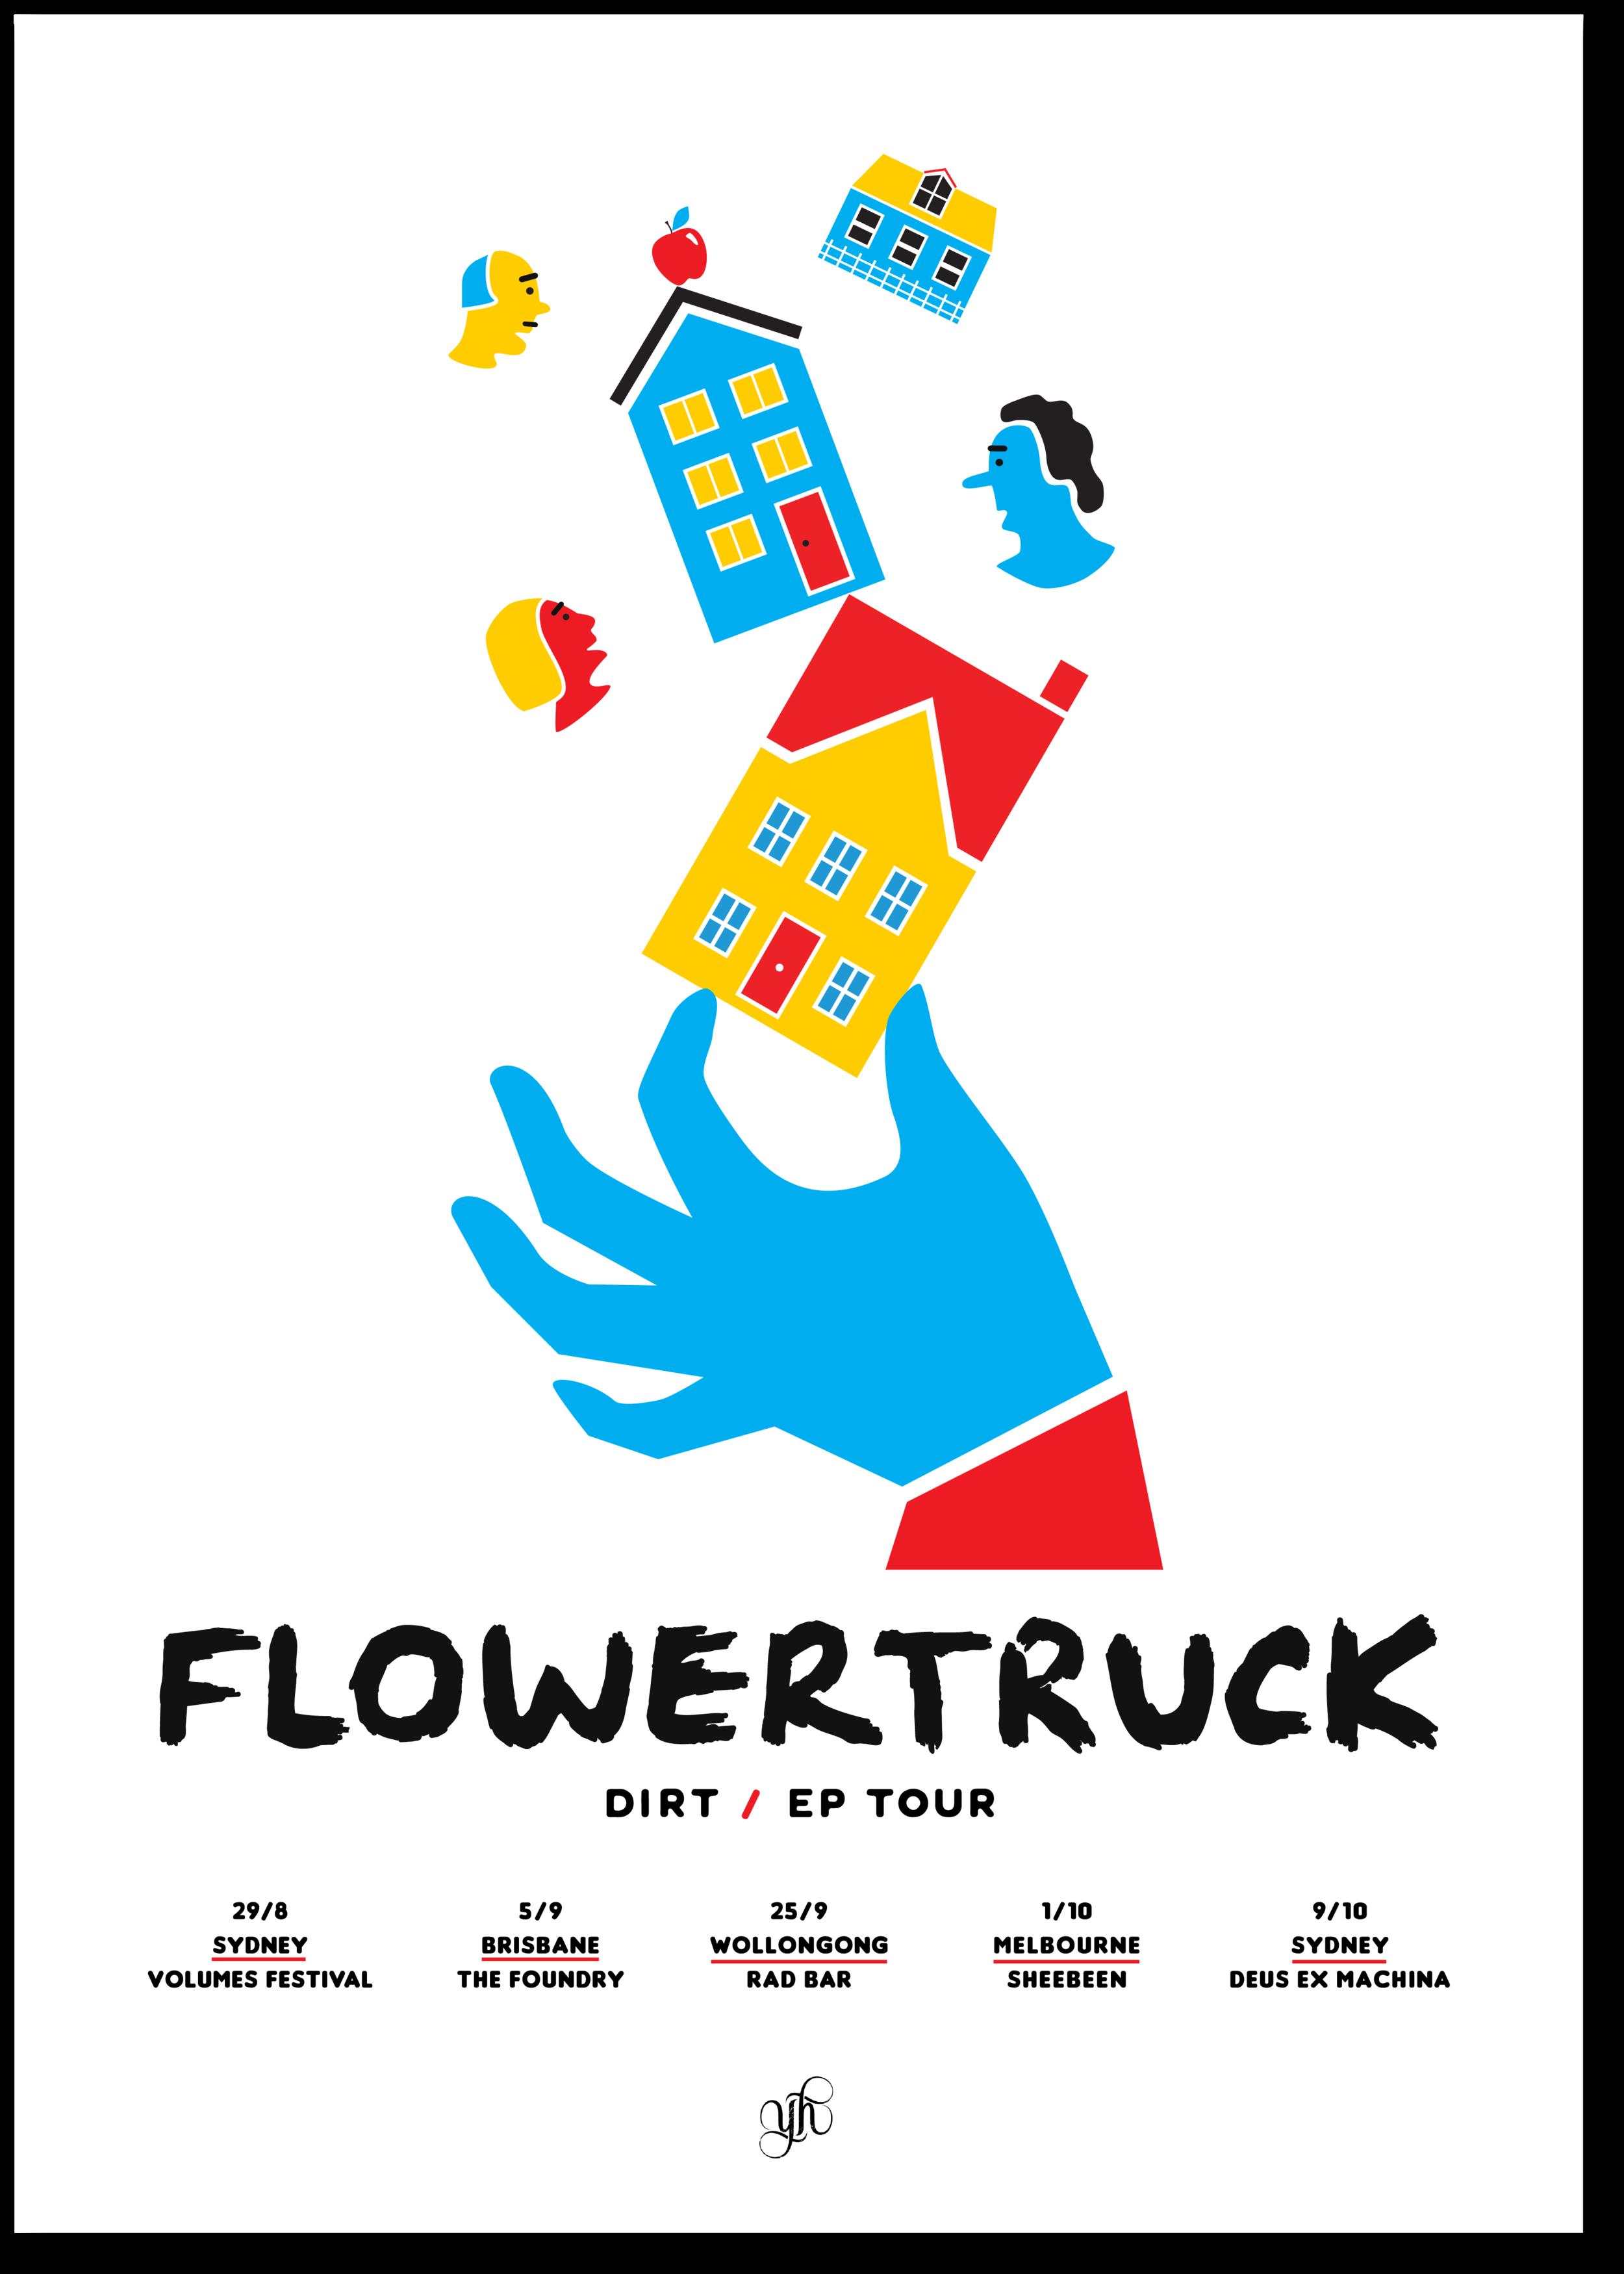 Flowertruck 'Dirt' EP Tour Poster